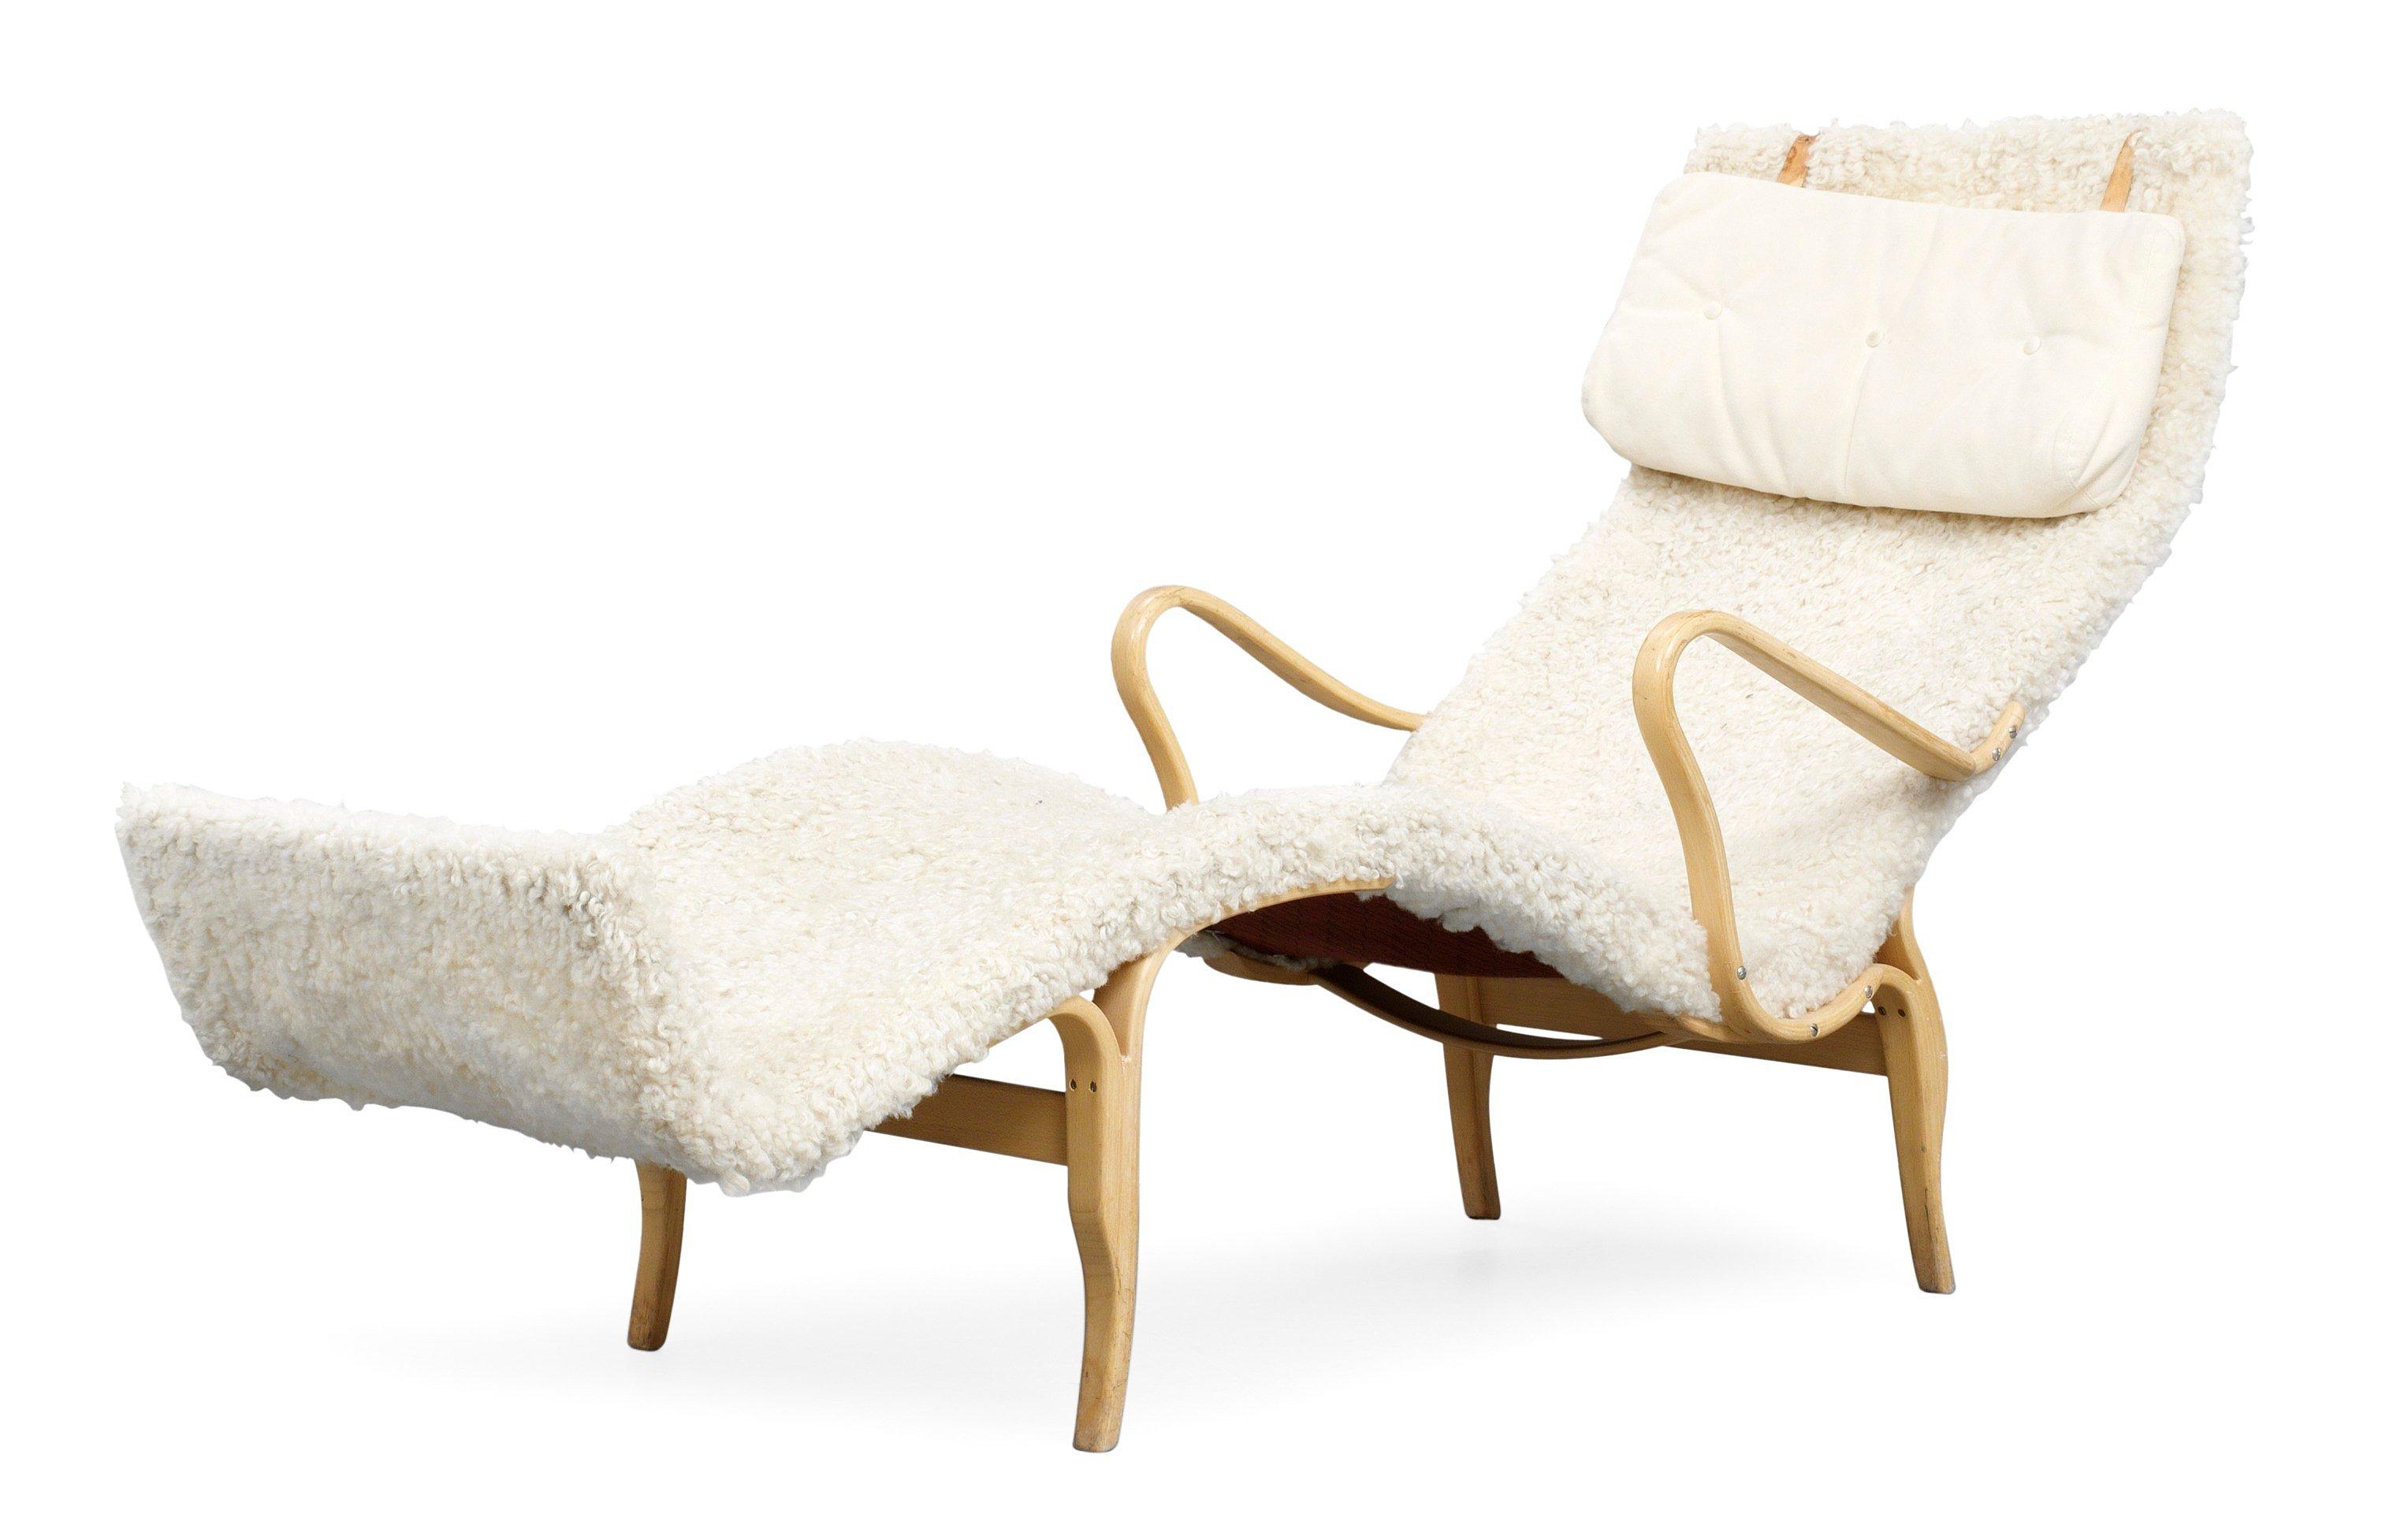 """A Bruno Mathsson """"Pernilla 3"""" lounge chair for Karl Mathsson"""